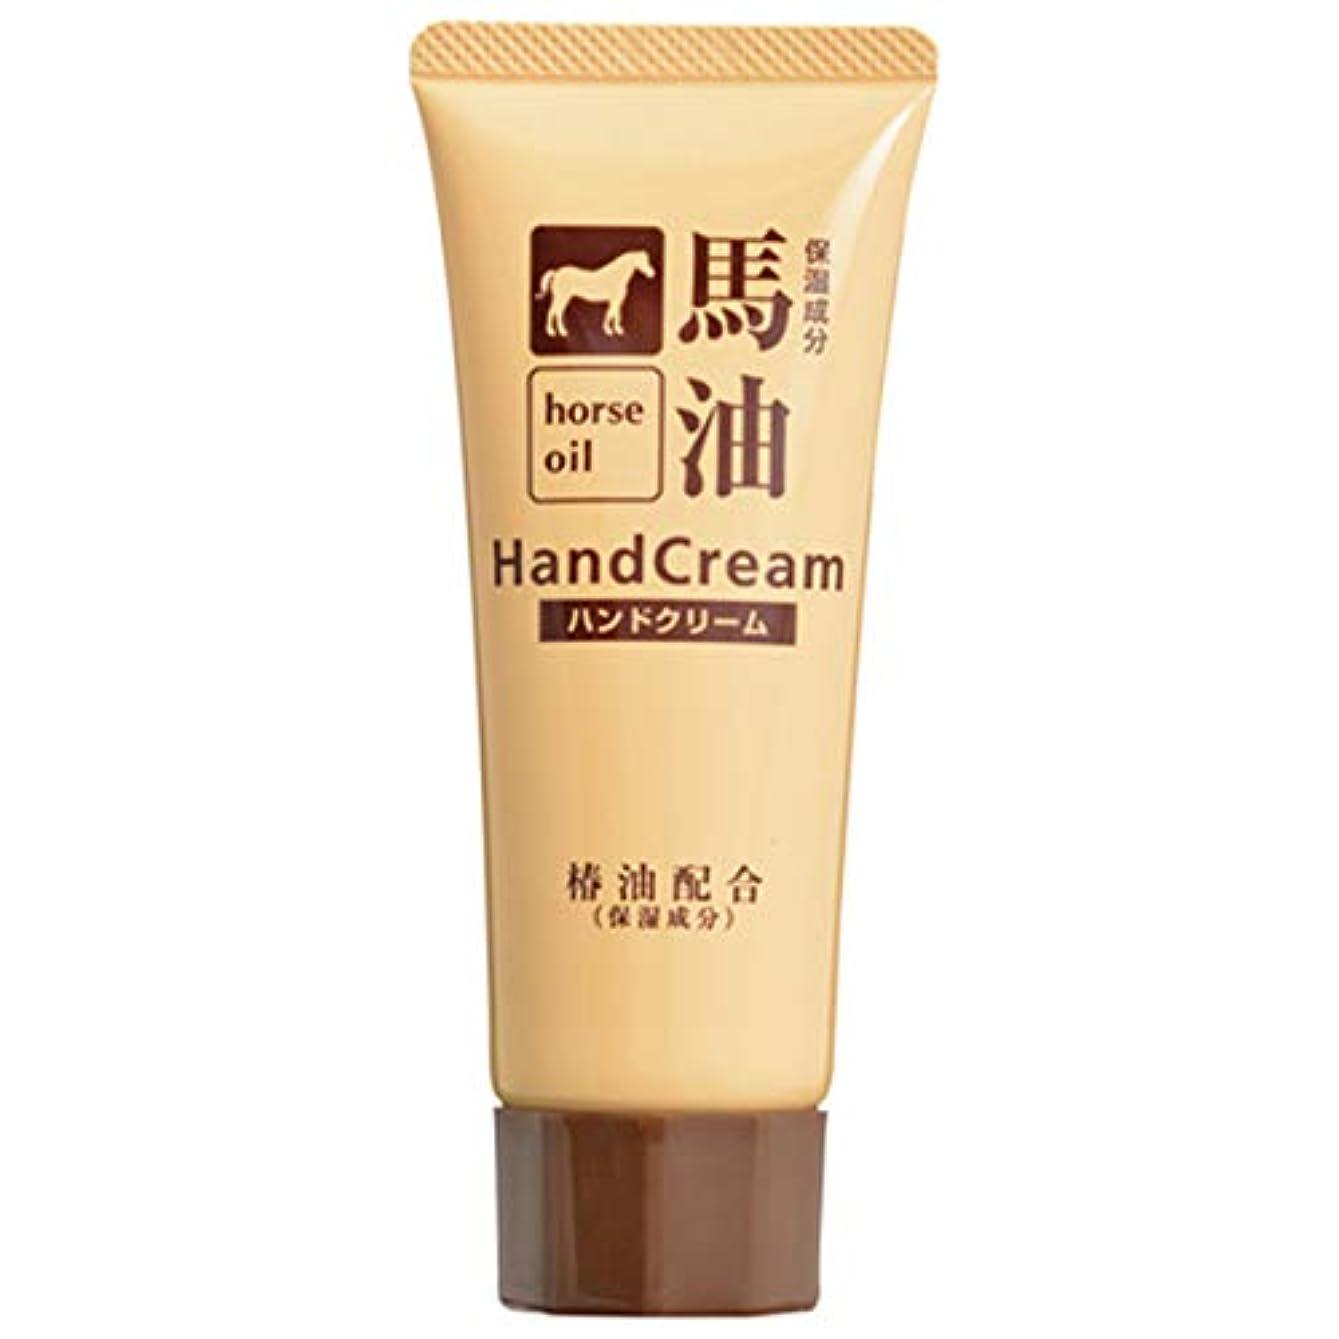 熊野油脂 椿油配合馬油ハンドクリーム 60g